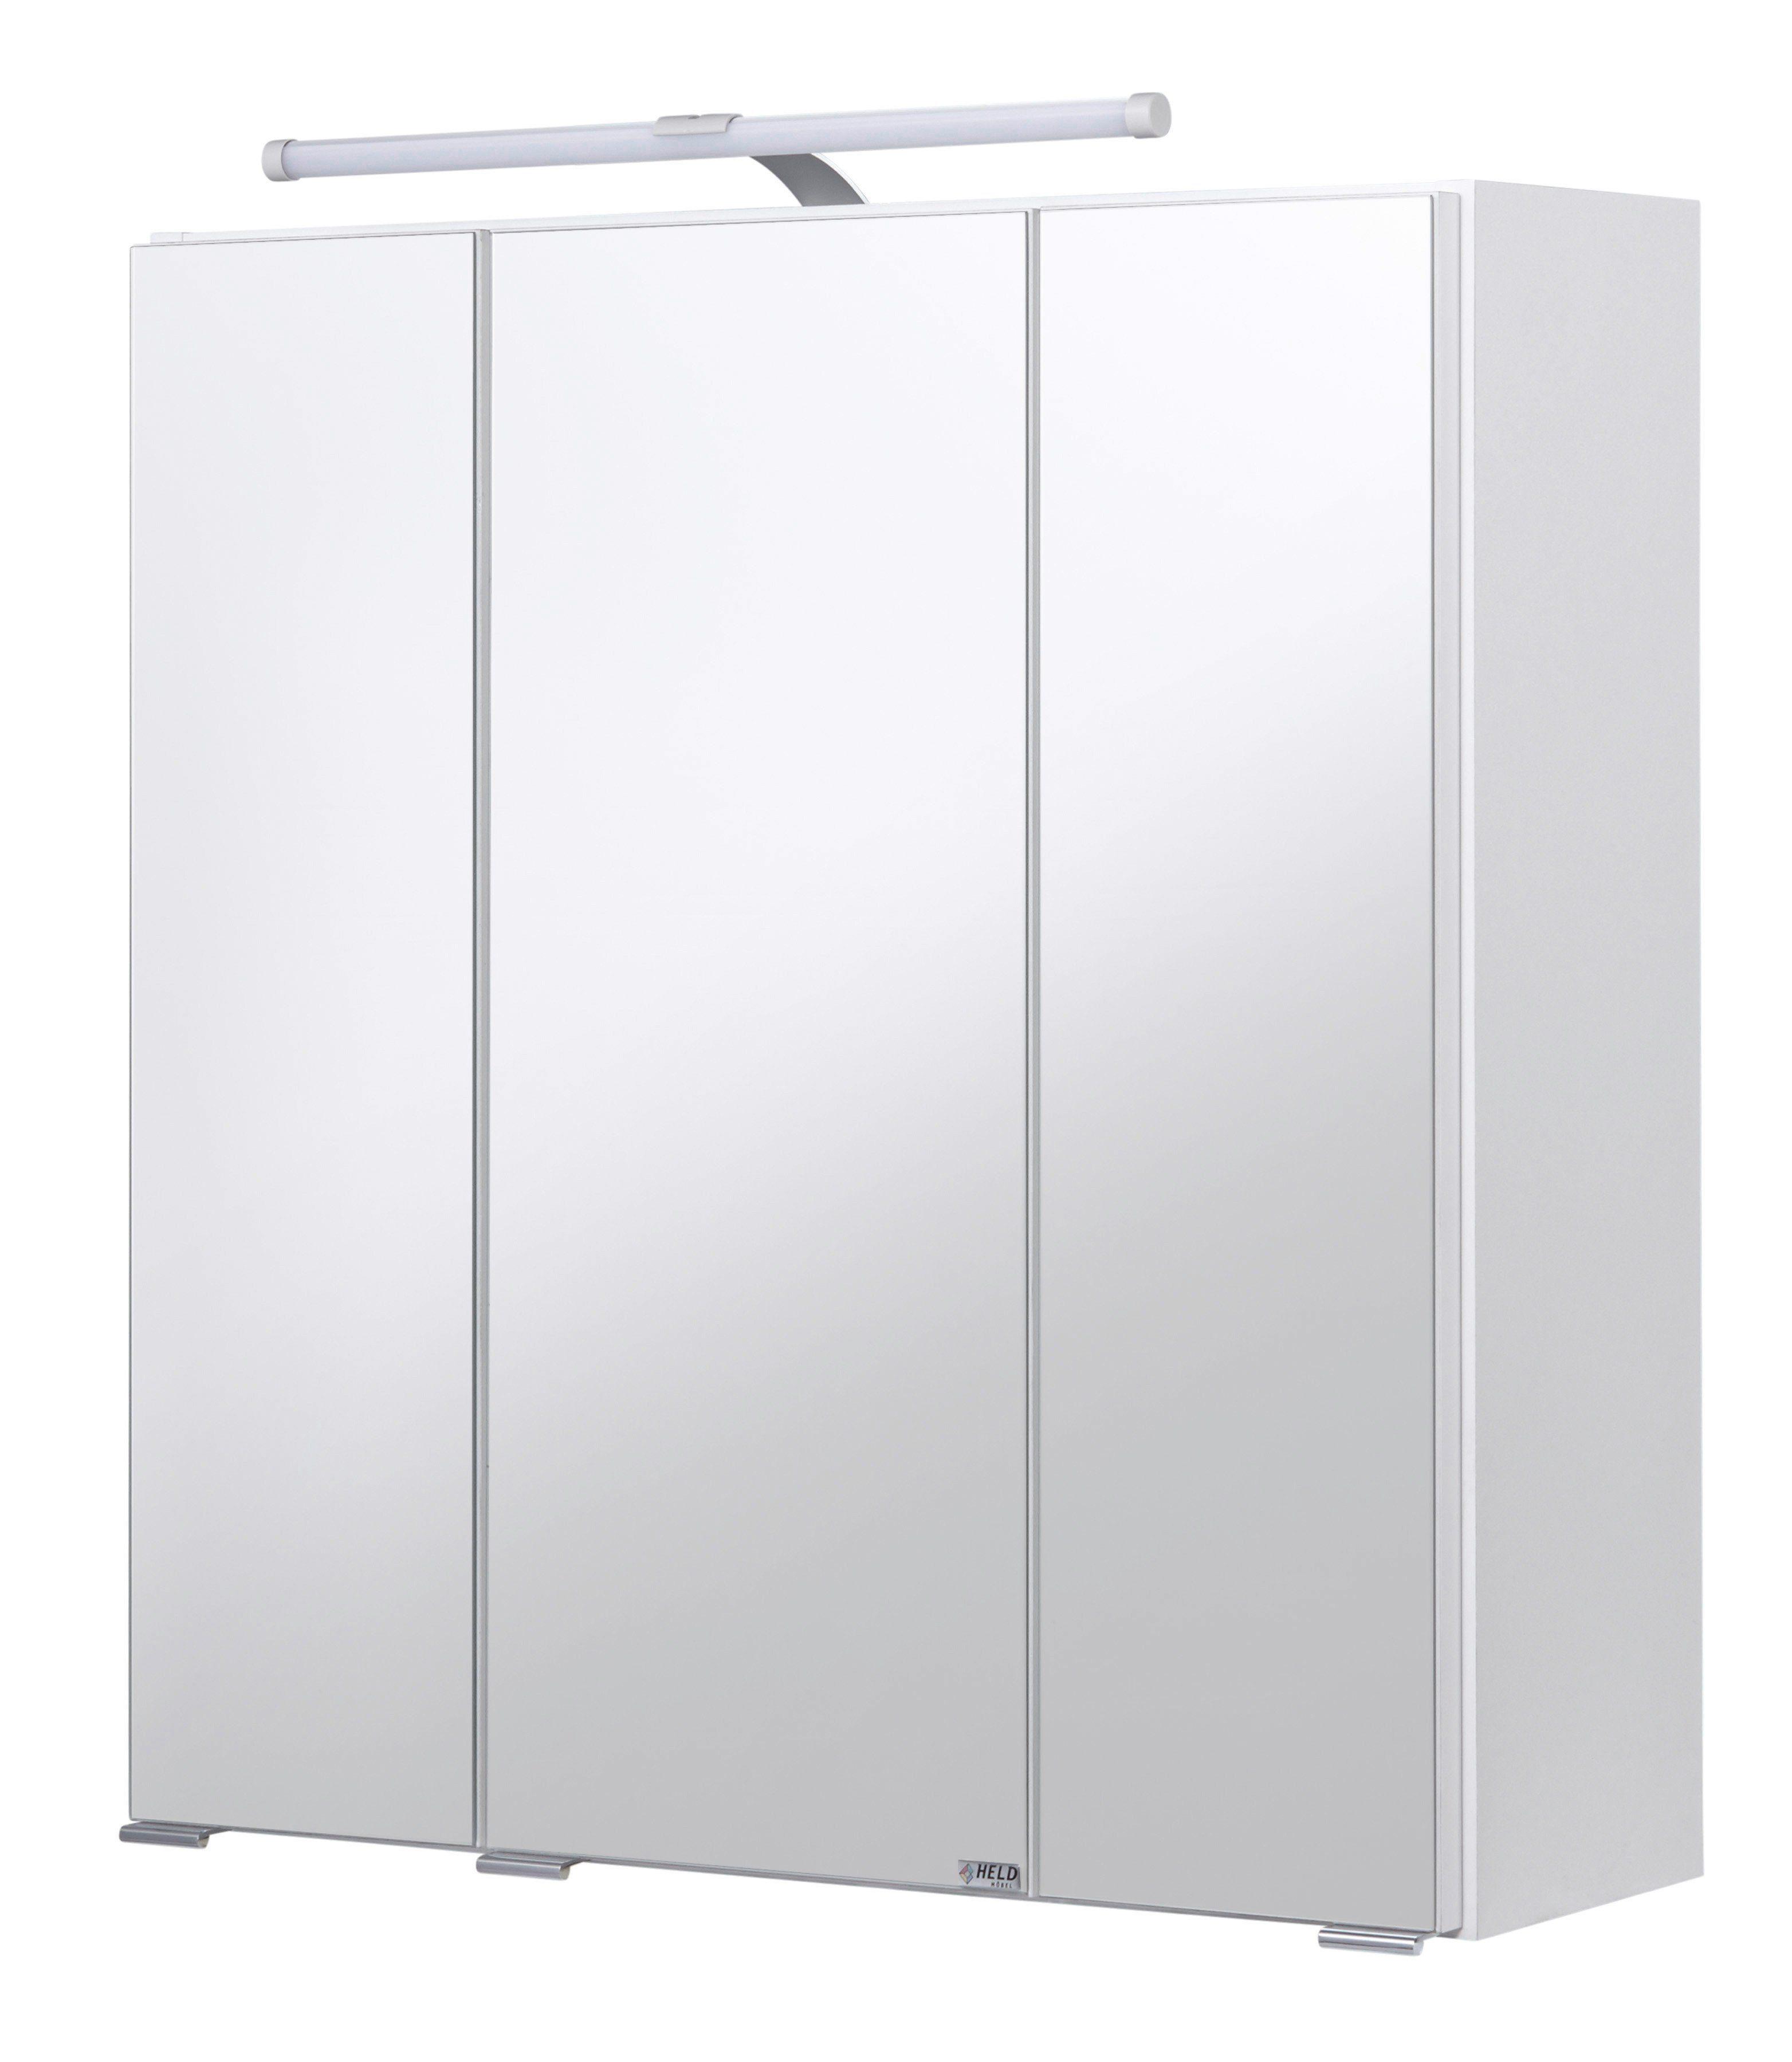 Held Möbel Spiegelschrank »Jaca« Breite 60 cm, mit LED-Beleuchtung